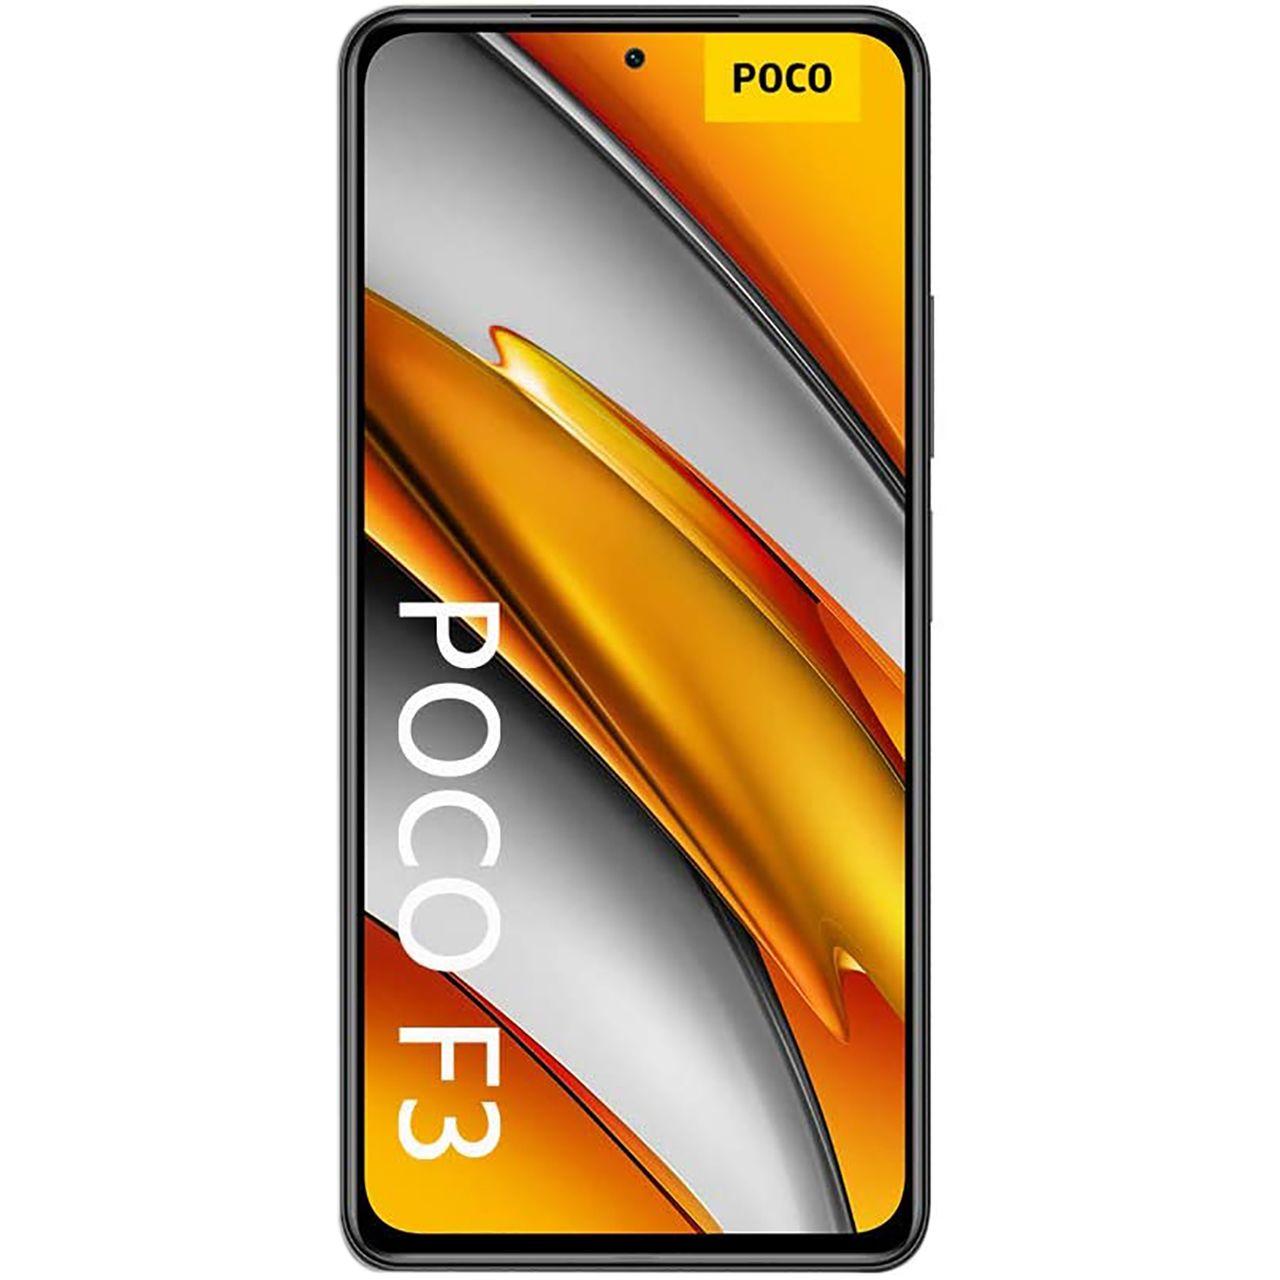 گوشی موبایل شیائومی مدل POCO F3 5G M2012K11AG دو سیم کارت ظرفیت ۲۵۶ گیگابایت و ۸ گیگابایت رم